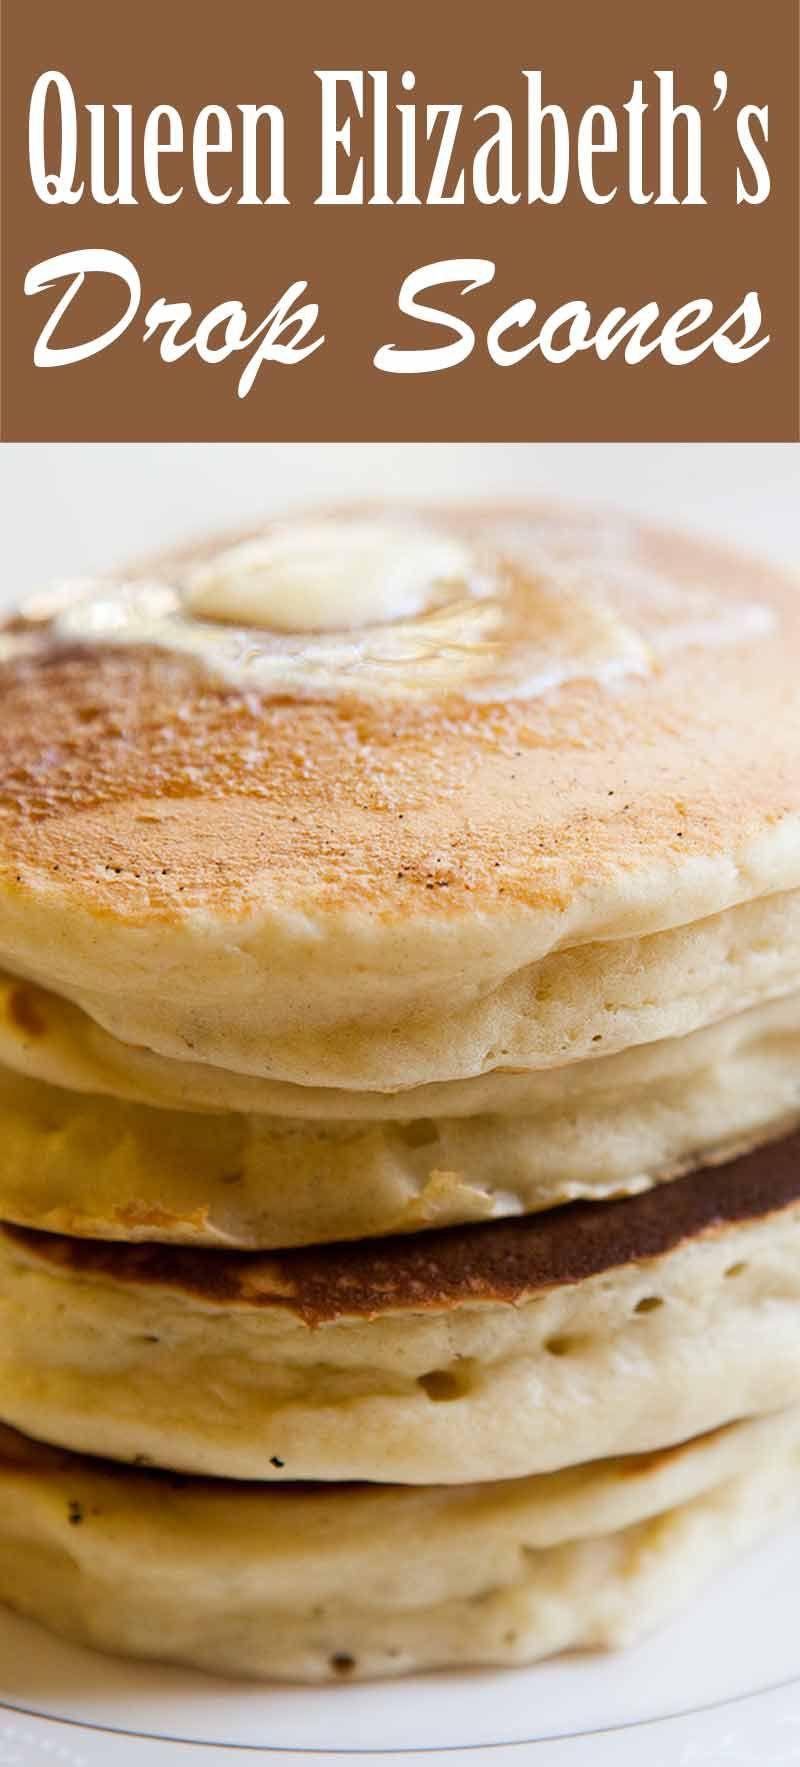 ãQueen Elizabeth pancakeãã®ç»åæ¤ç´¢çµæ